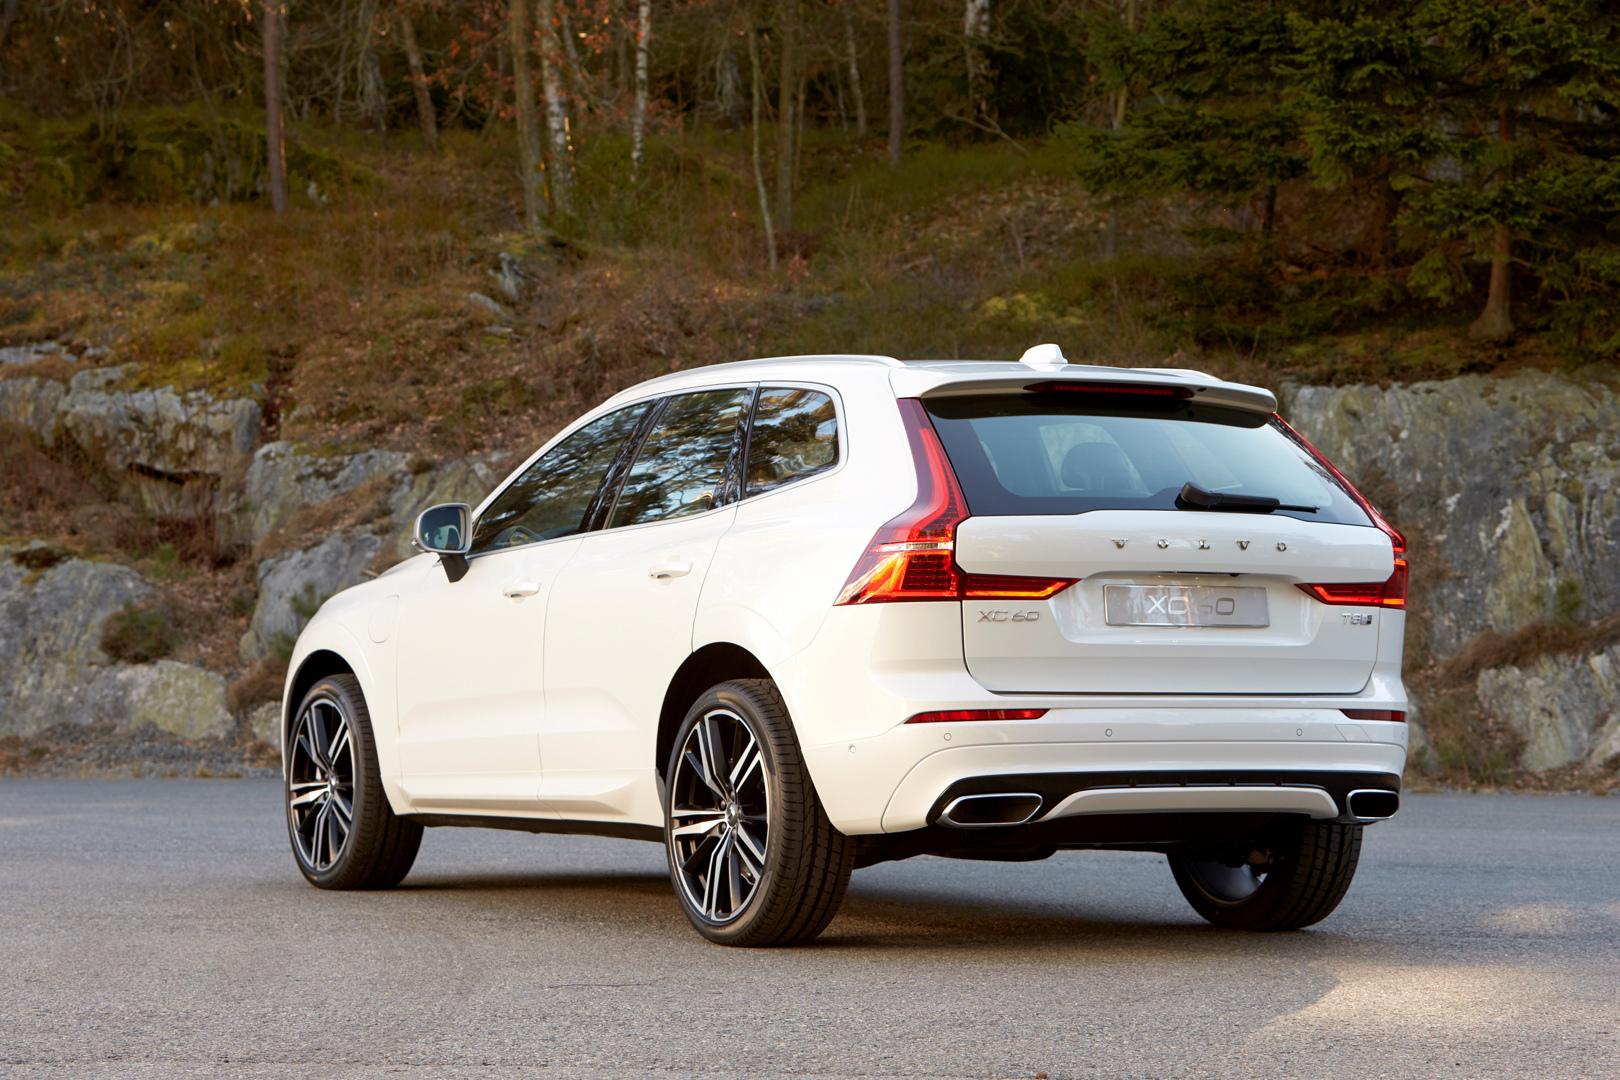 205029_The_new_Volvo_XC60